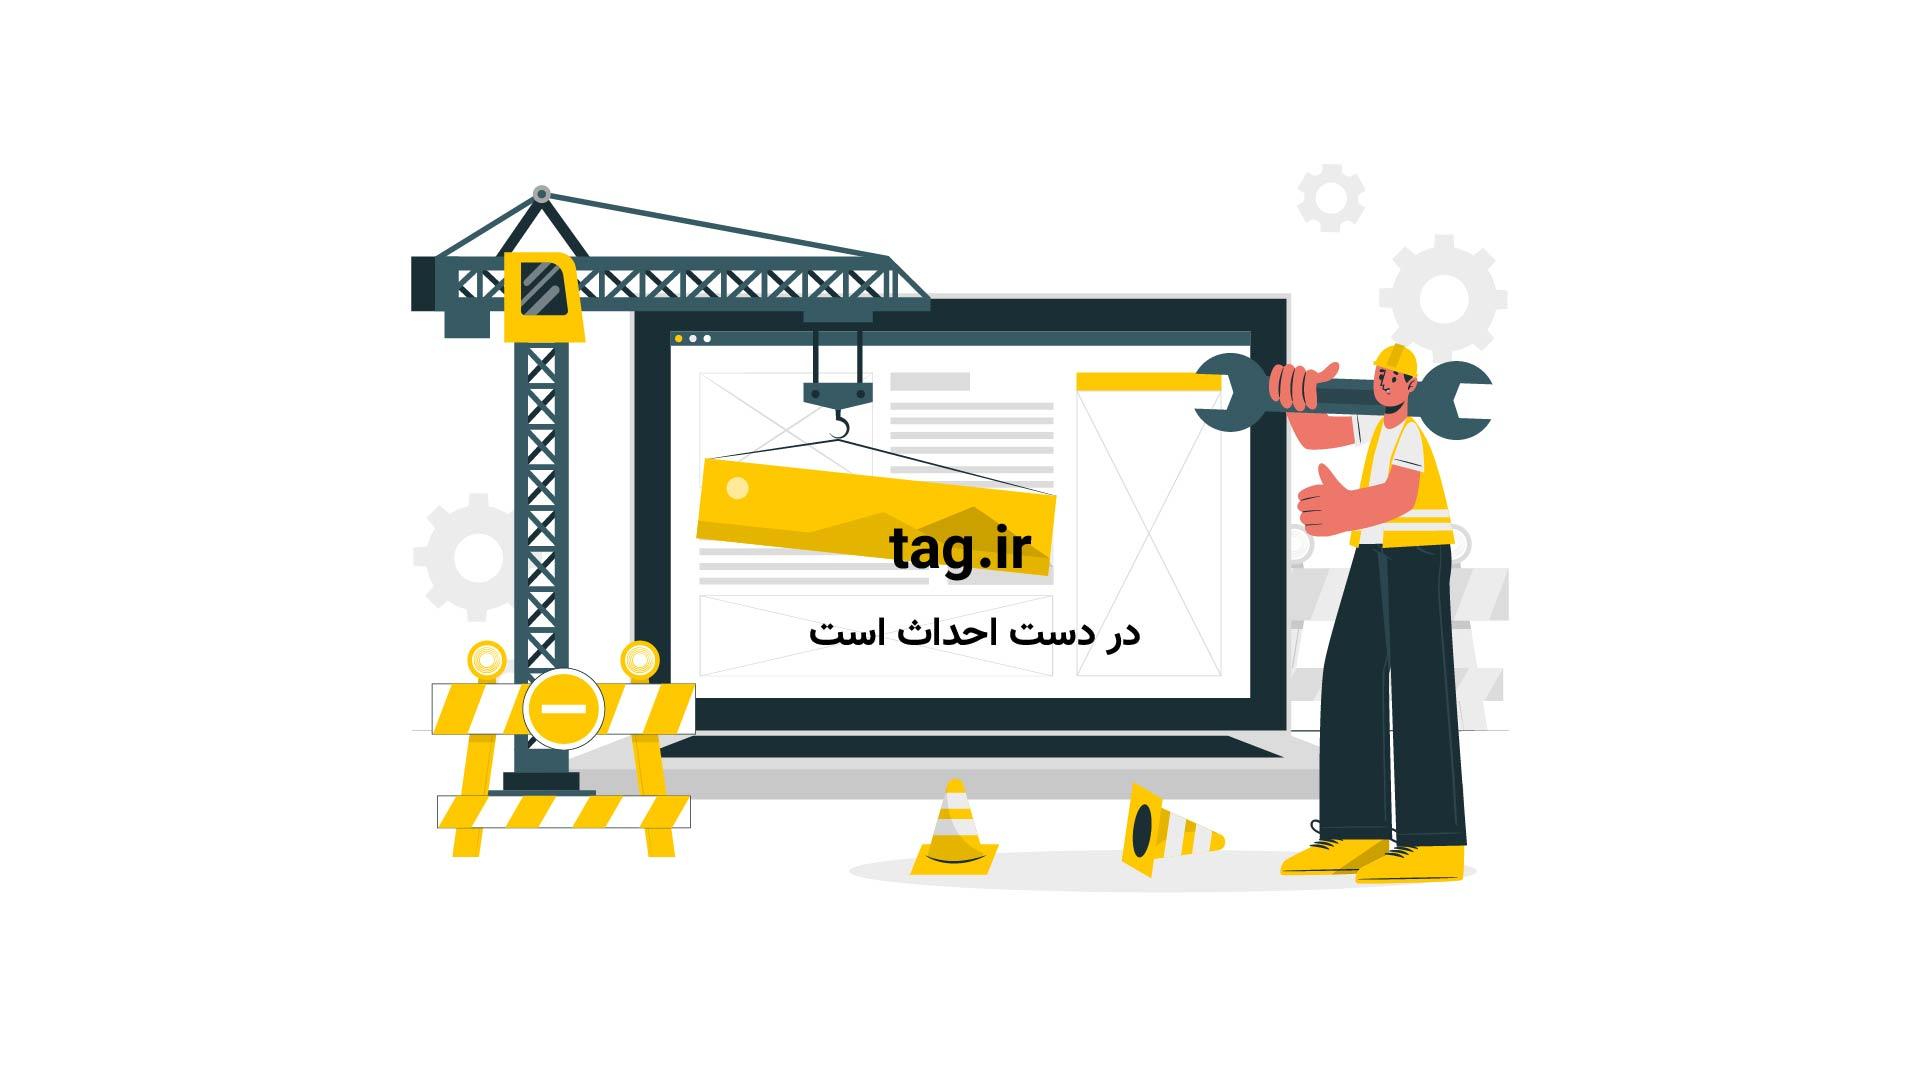 مسابقه پرسش و پاسخ ۵ ثانیهای شرکت کنندگان مسابقه توپ و فامیل   فیلم